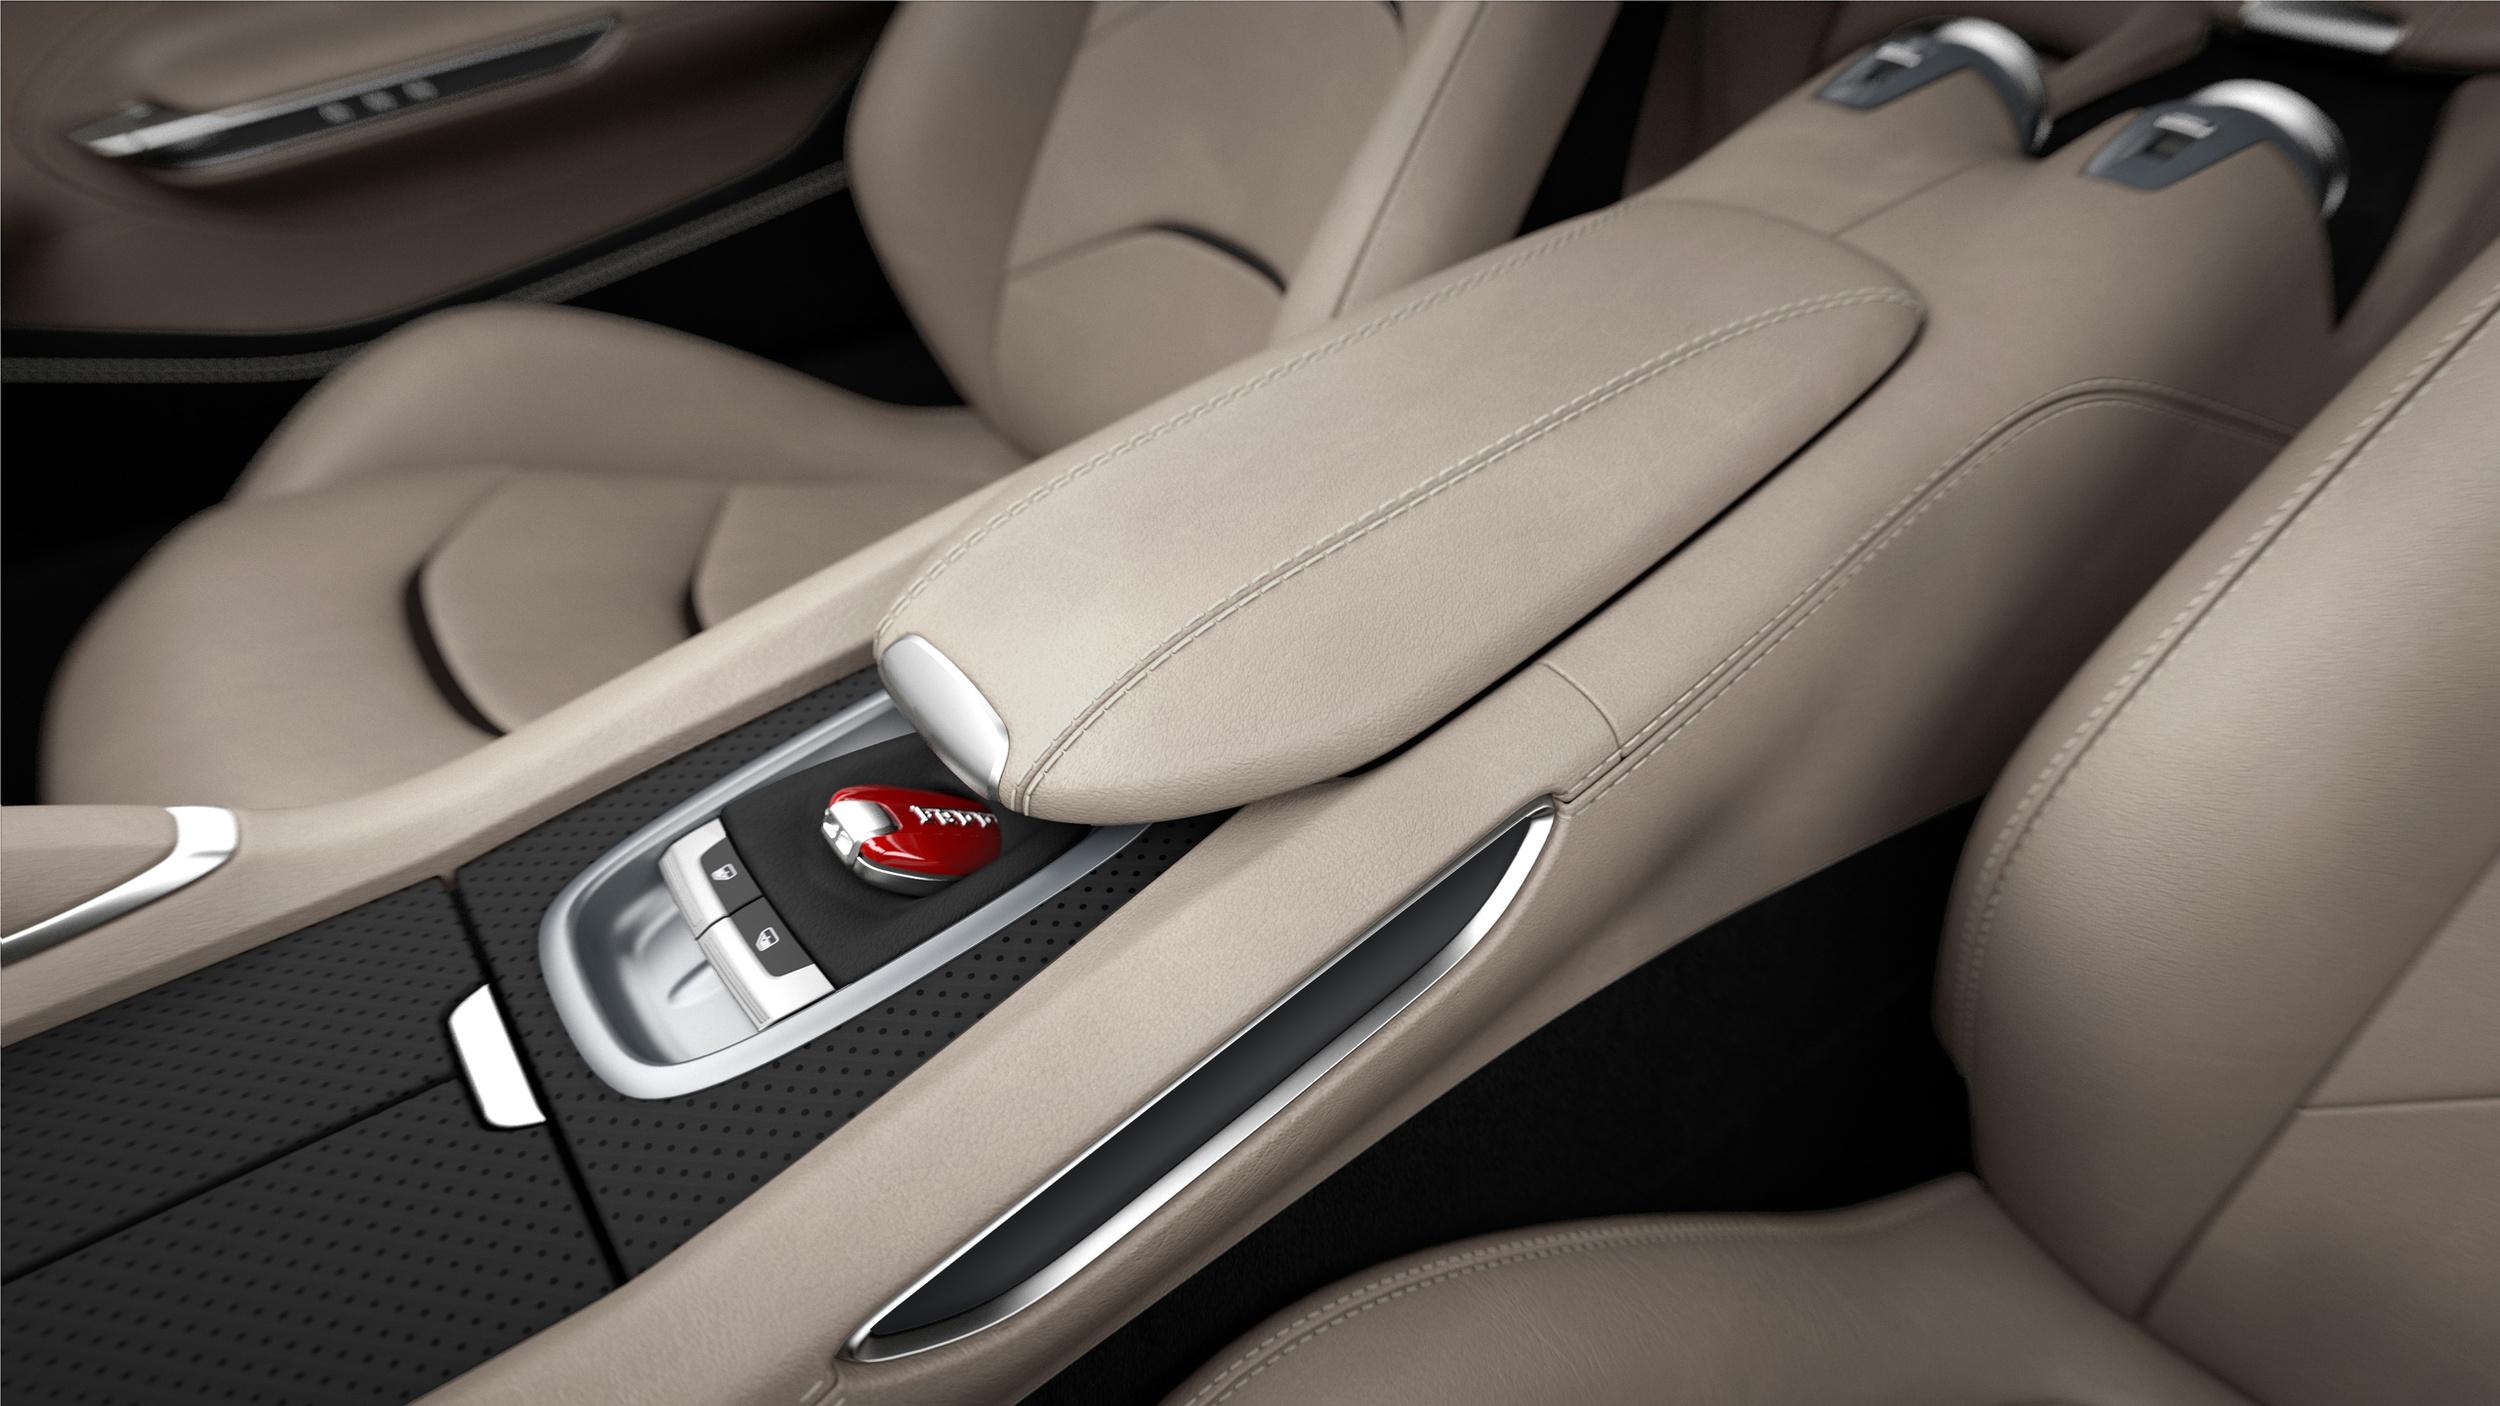 Ferrari_GTC4Lusso_central_console_300dpi.jpg